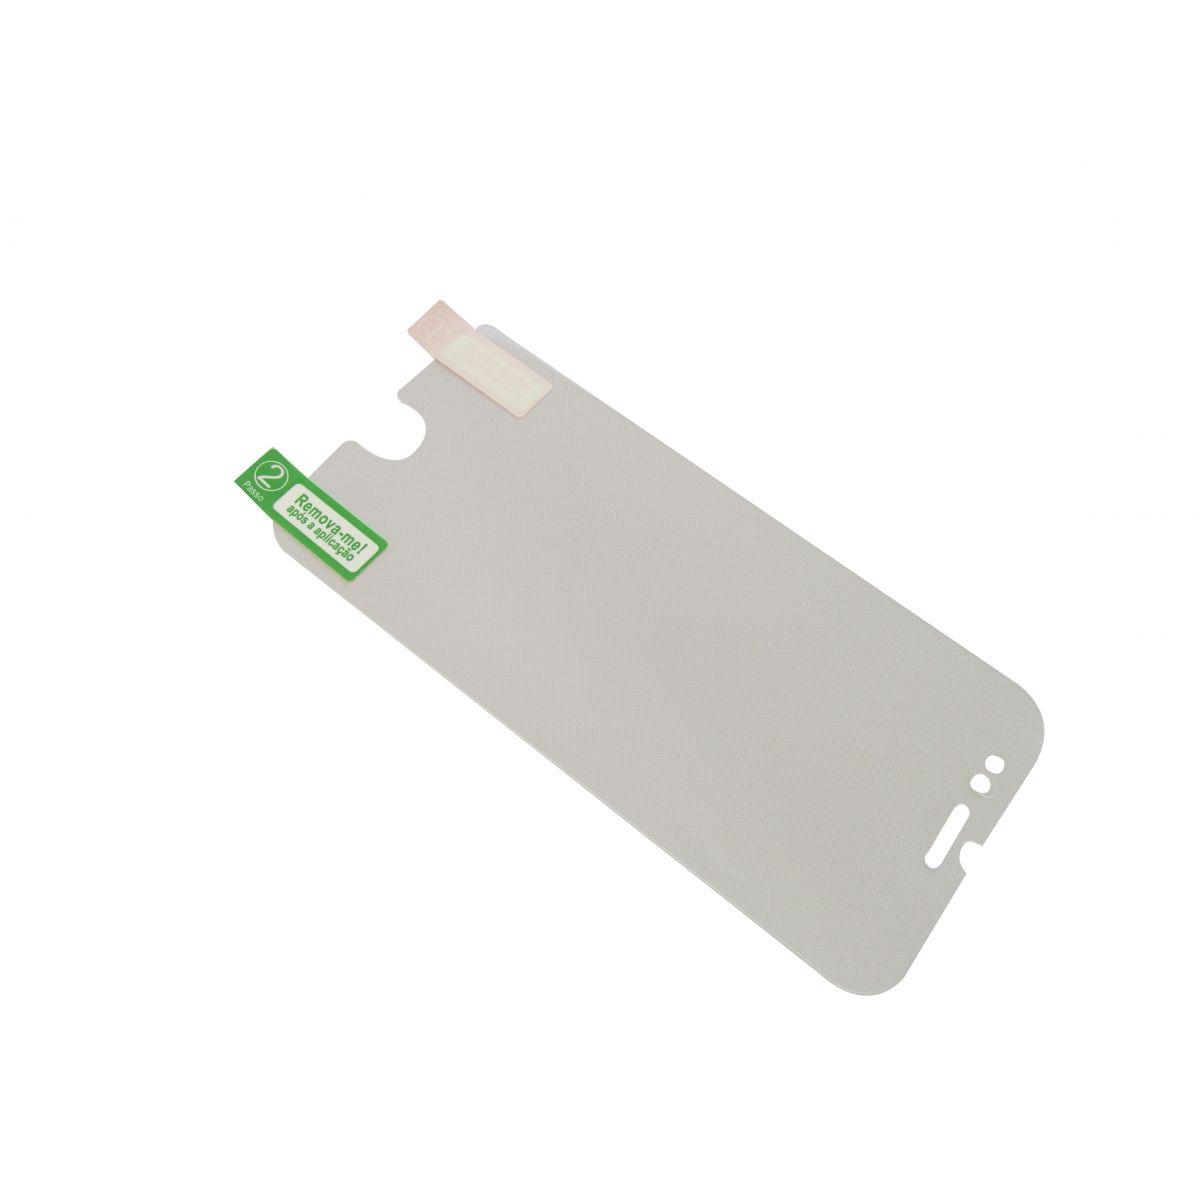 Película Protetora para Iphone 6 - Transparente